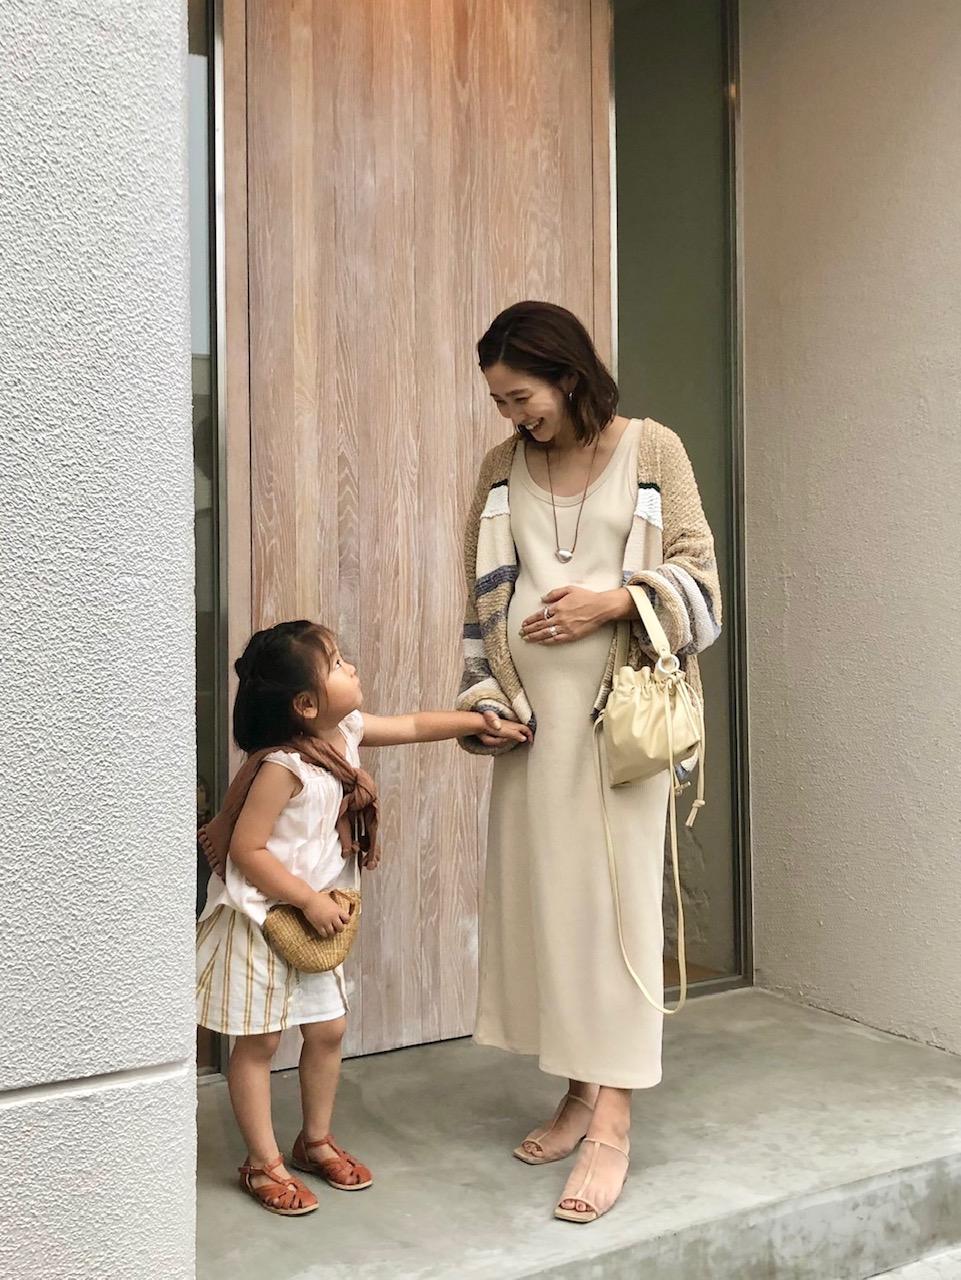 身長158㎝、妊娠9か月のマタニティワンピコーデ。ベージュワントーンならおしゃれ。子どもも茶系で親子コーデ。